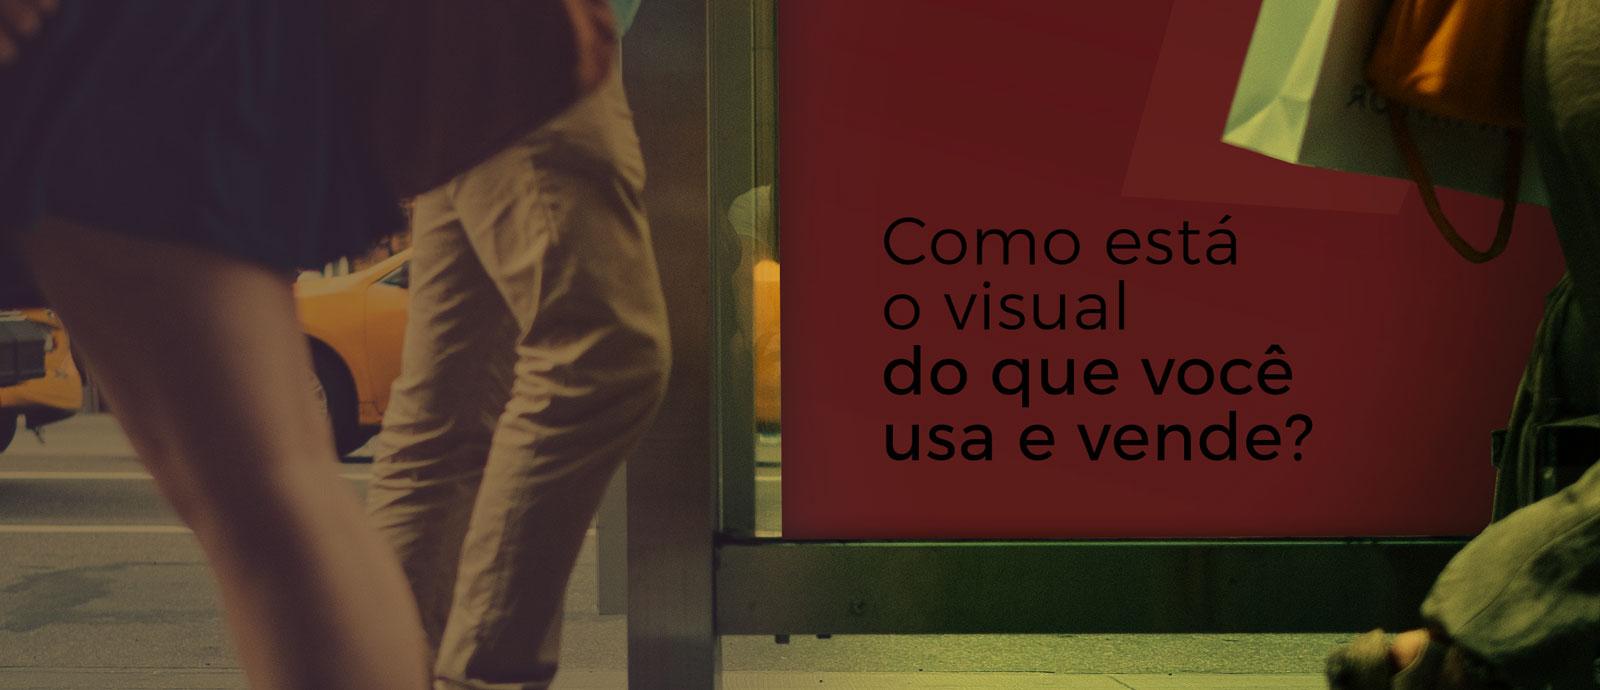 como está o visual do que você usa e vende?